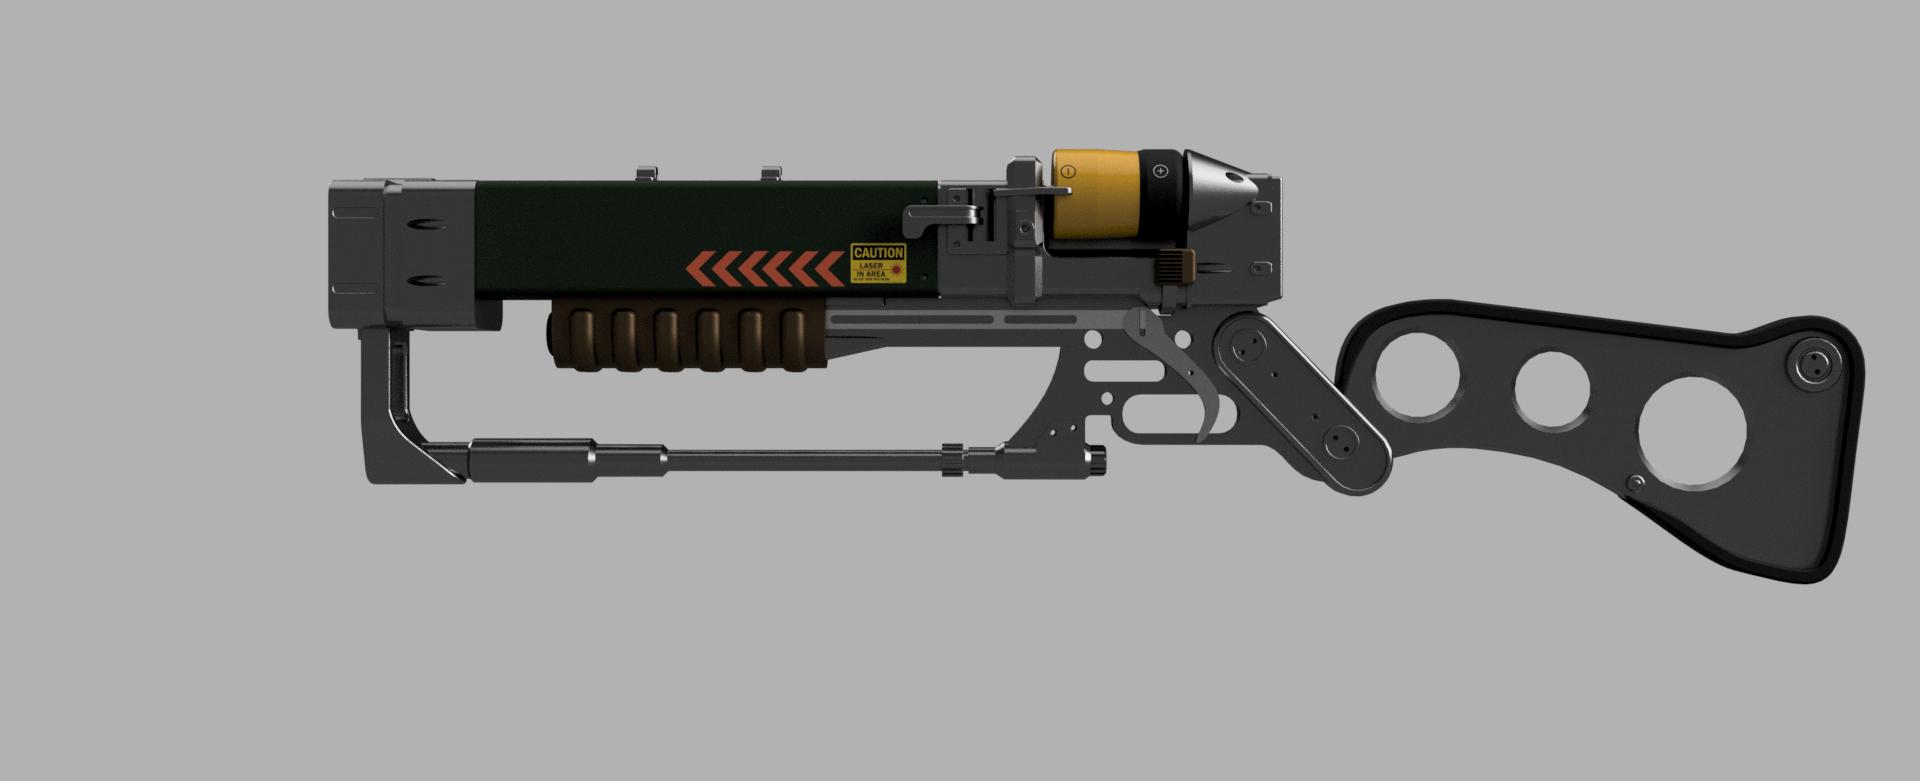 Laser Rifle v82.png